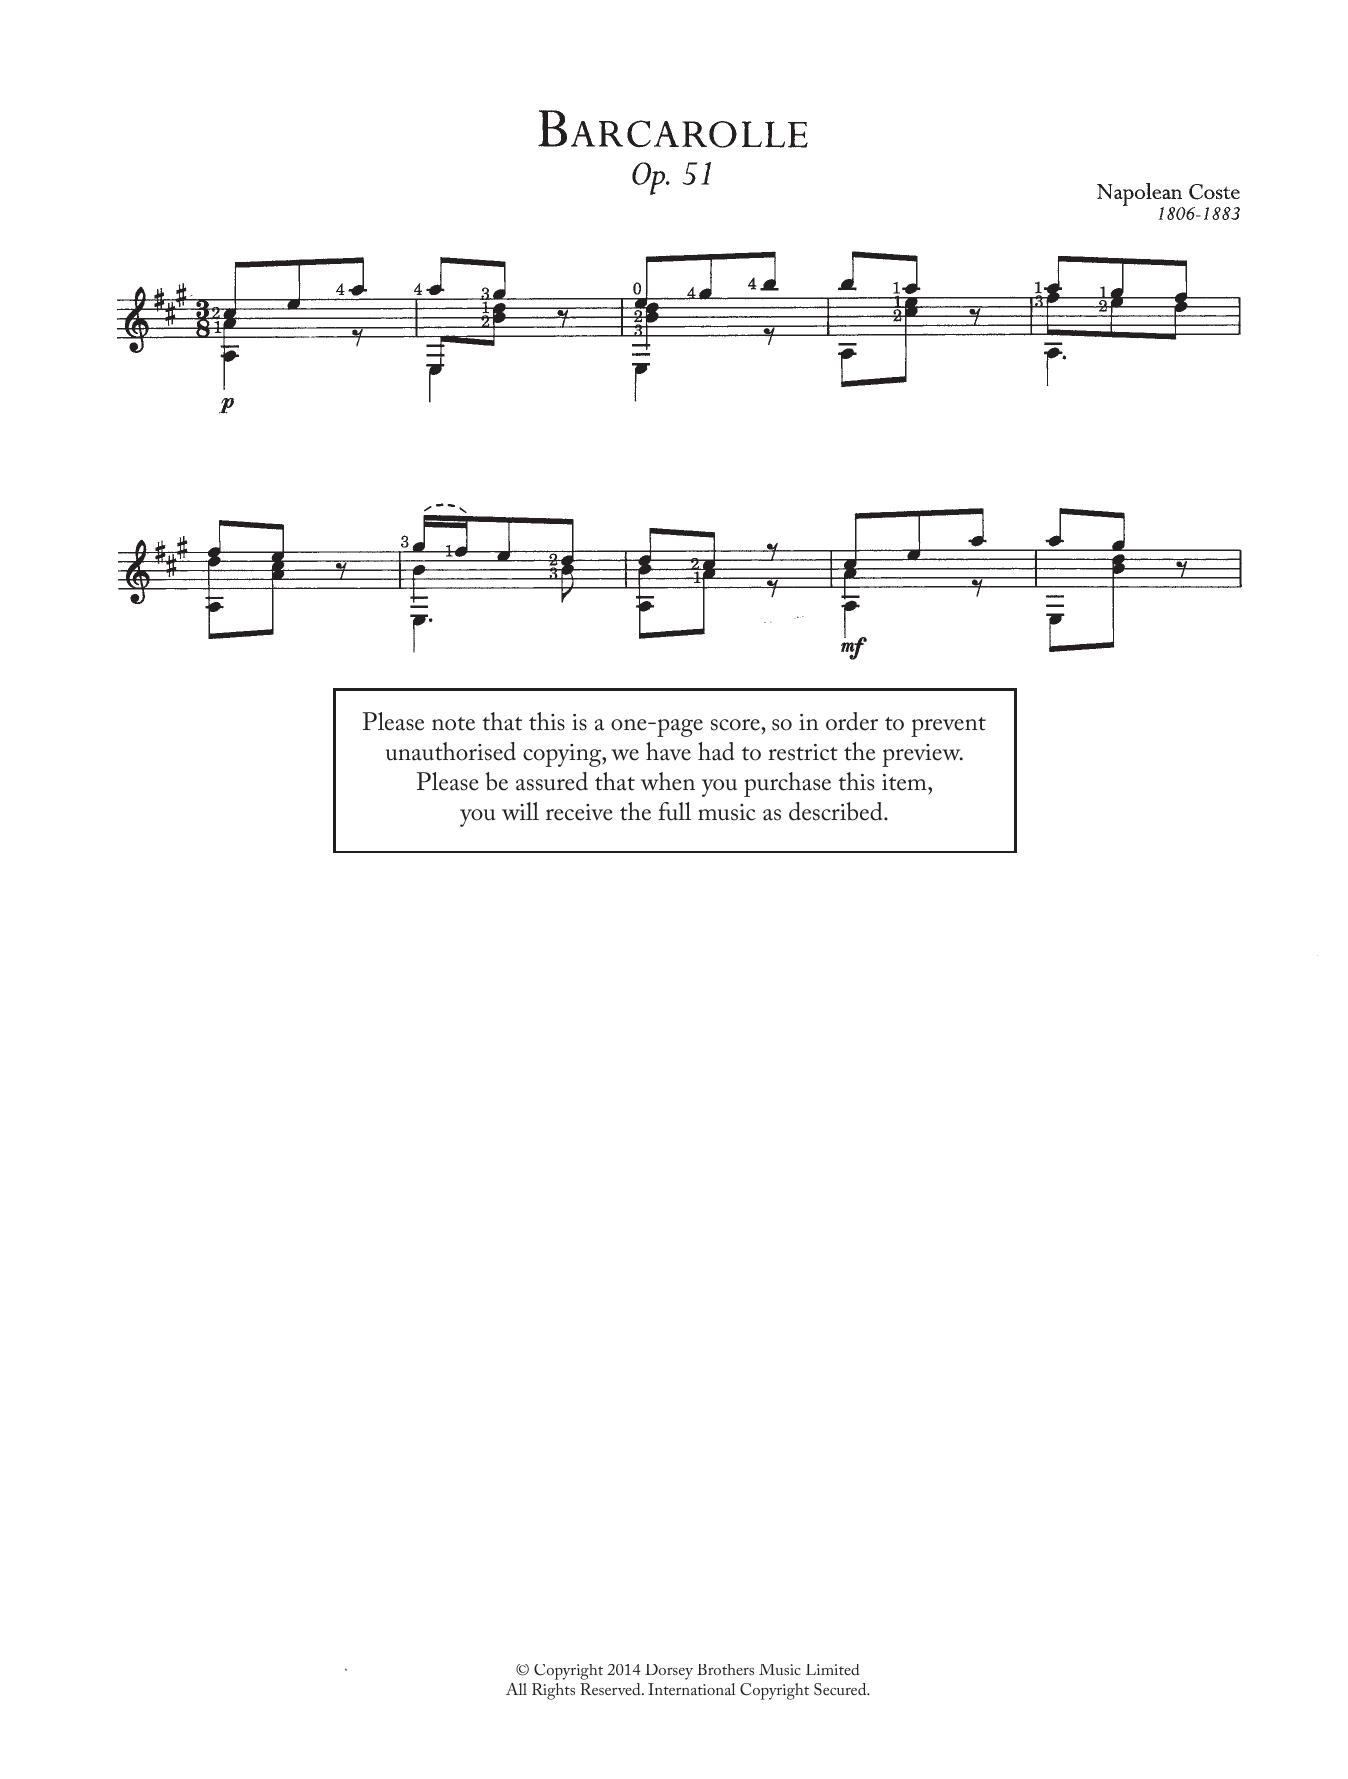 Barcarolle, Op.51 Sheet Music